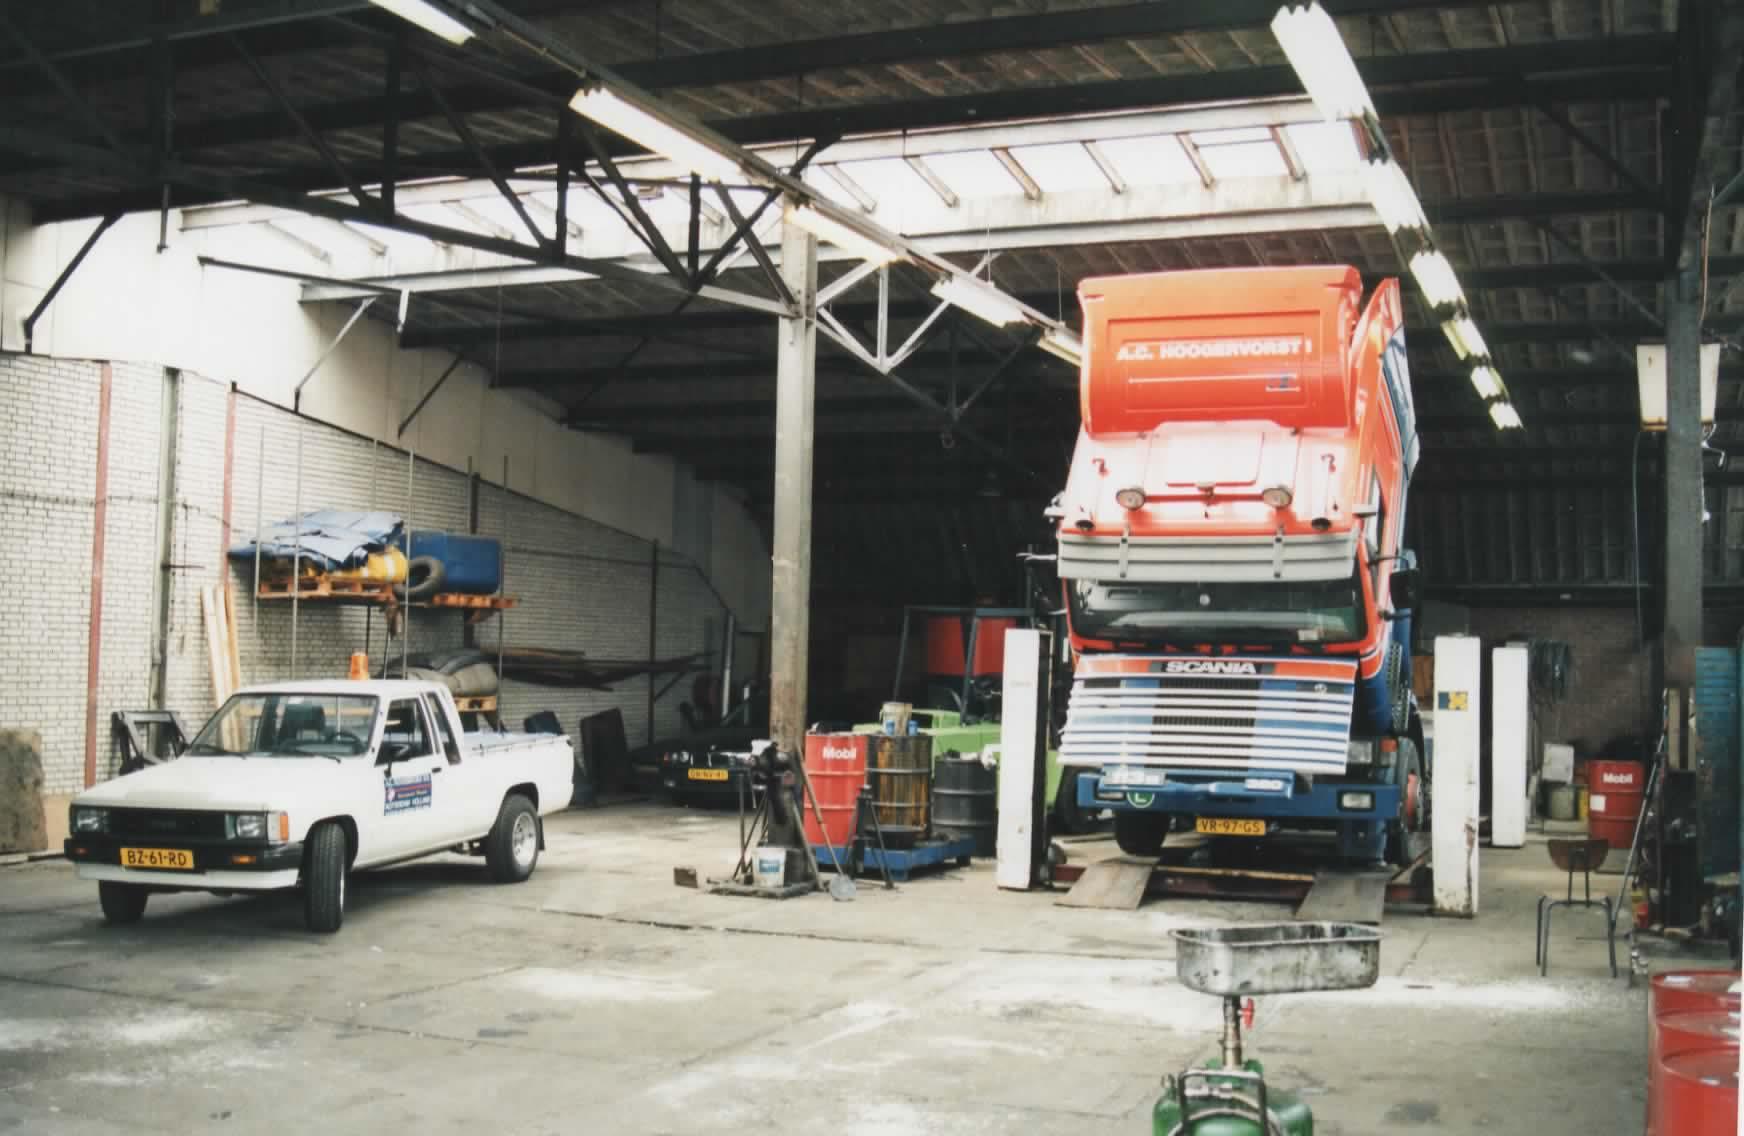 Garage-Stadionweg-met-de-service-pick-up-en-de-VR-97-GS